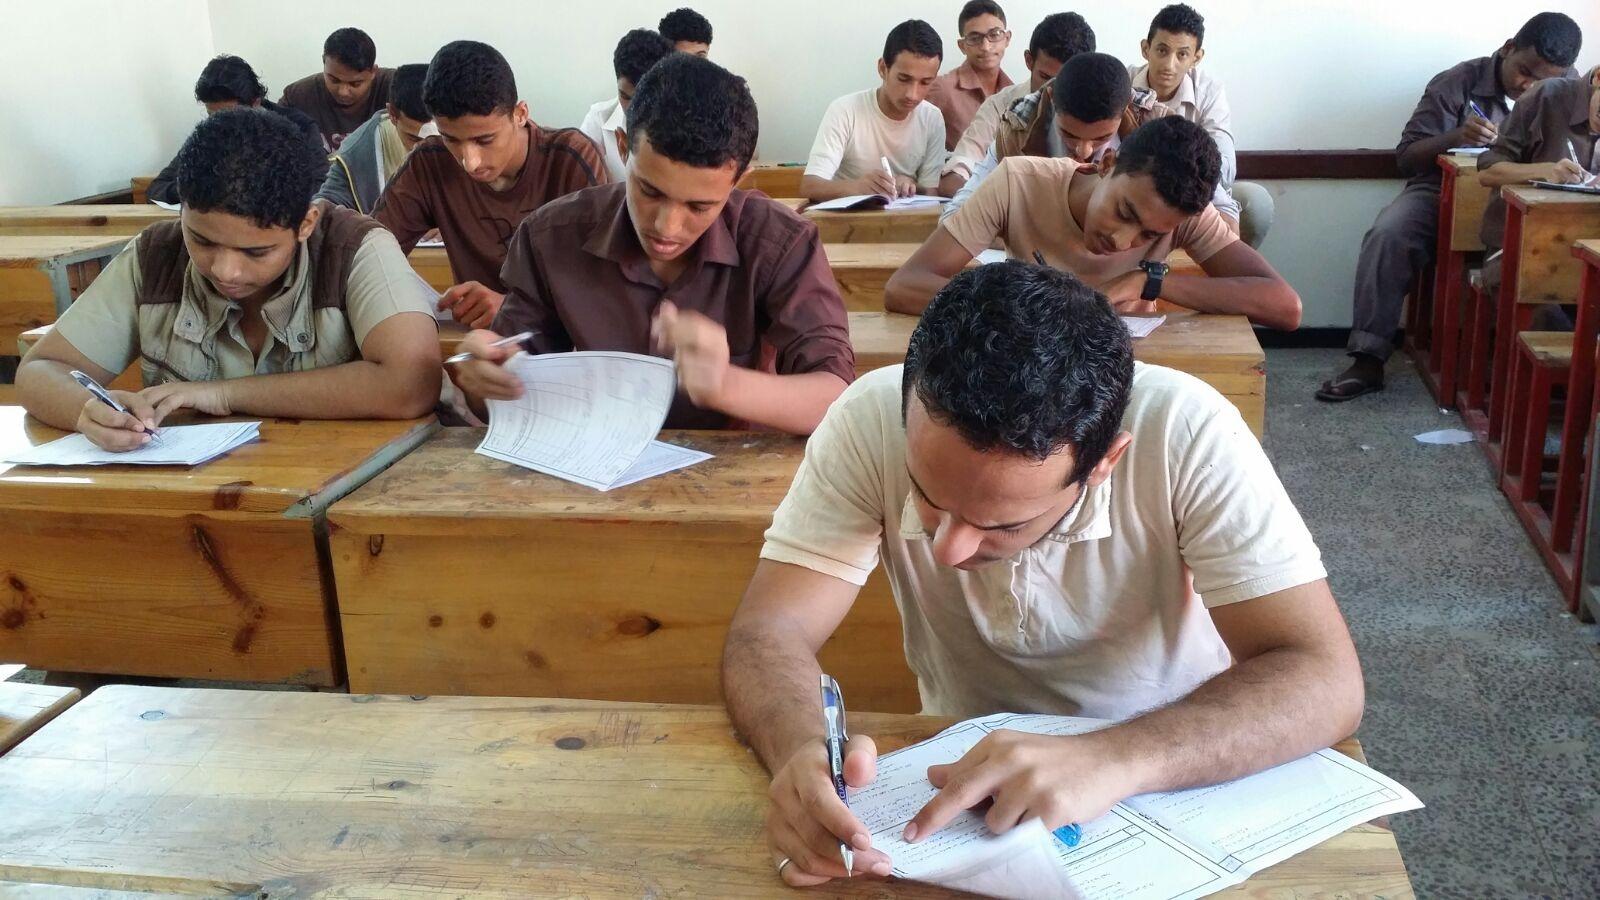 وزارة التعليم: نسبة نجاح عينة «الرياضة البحتة» 79%